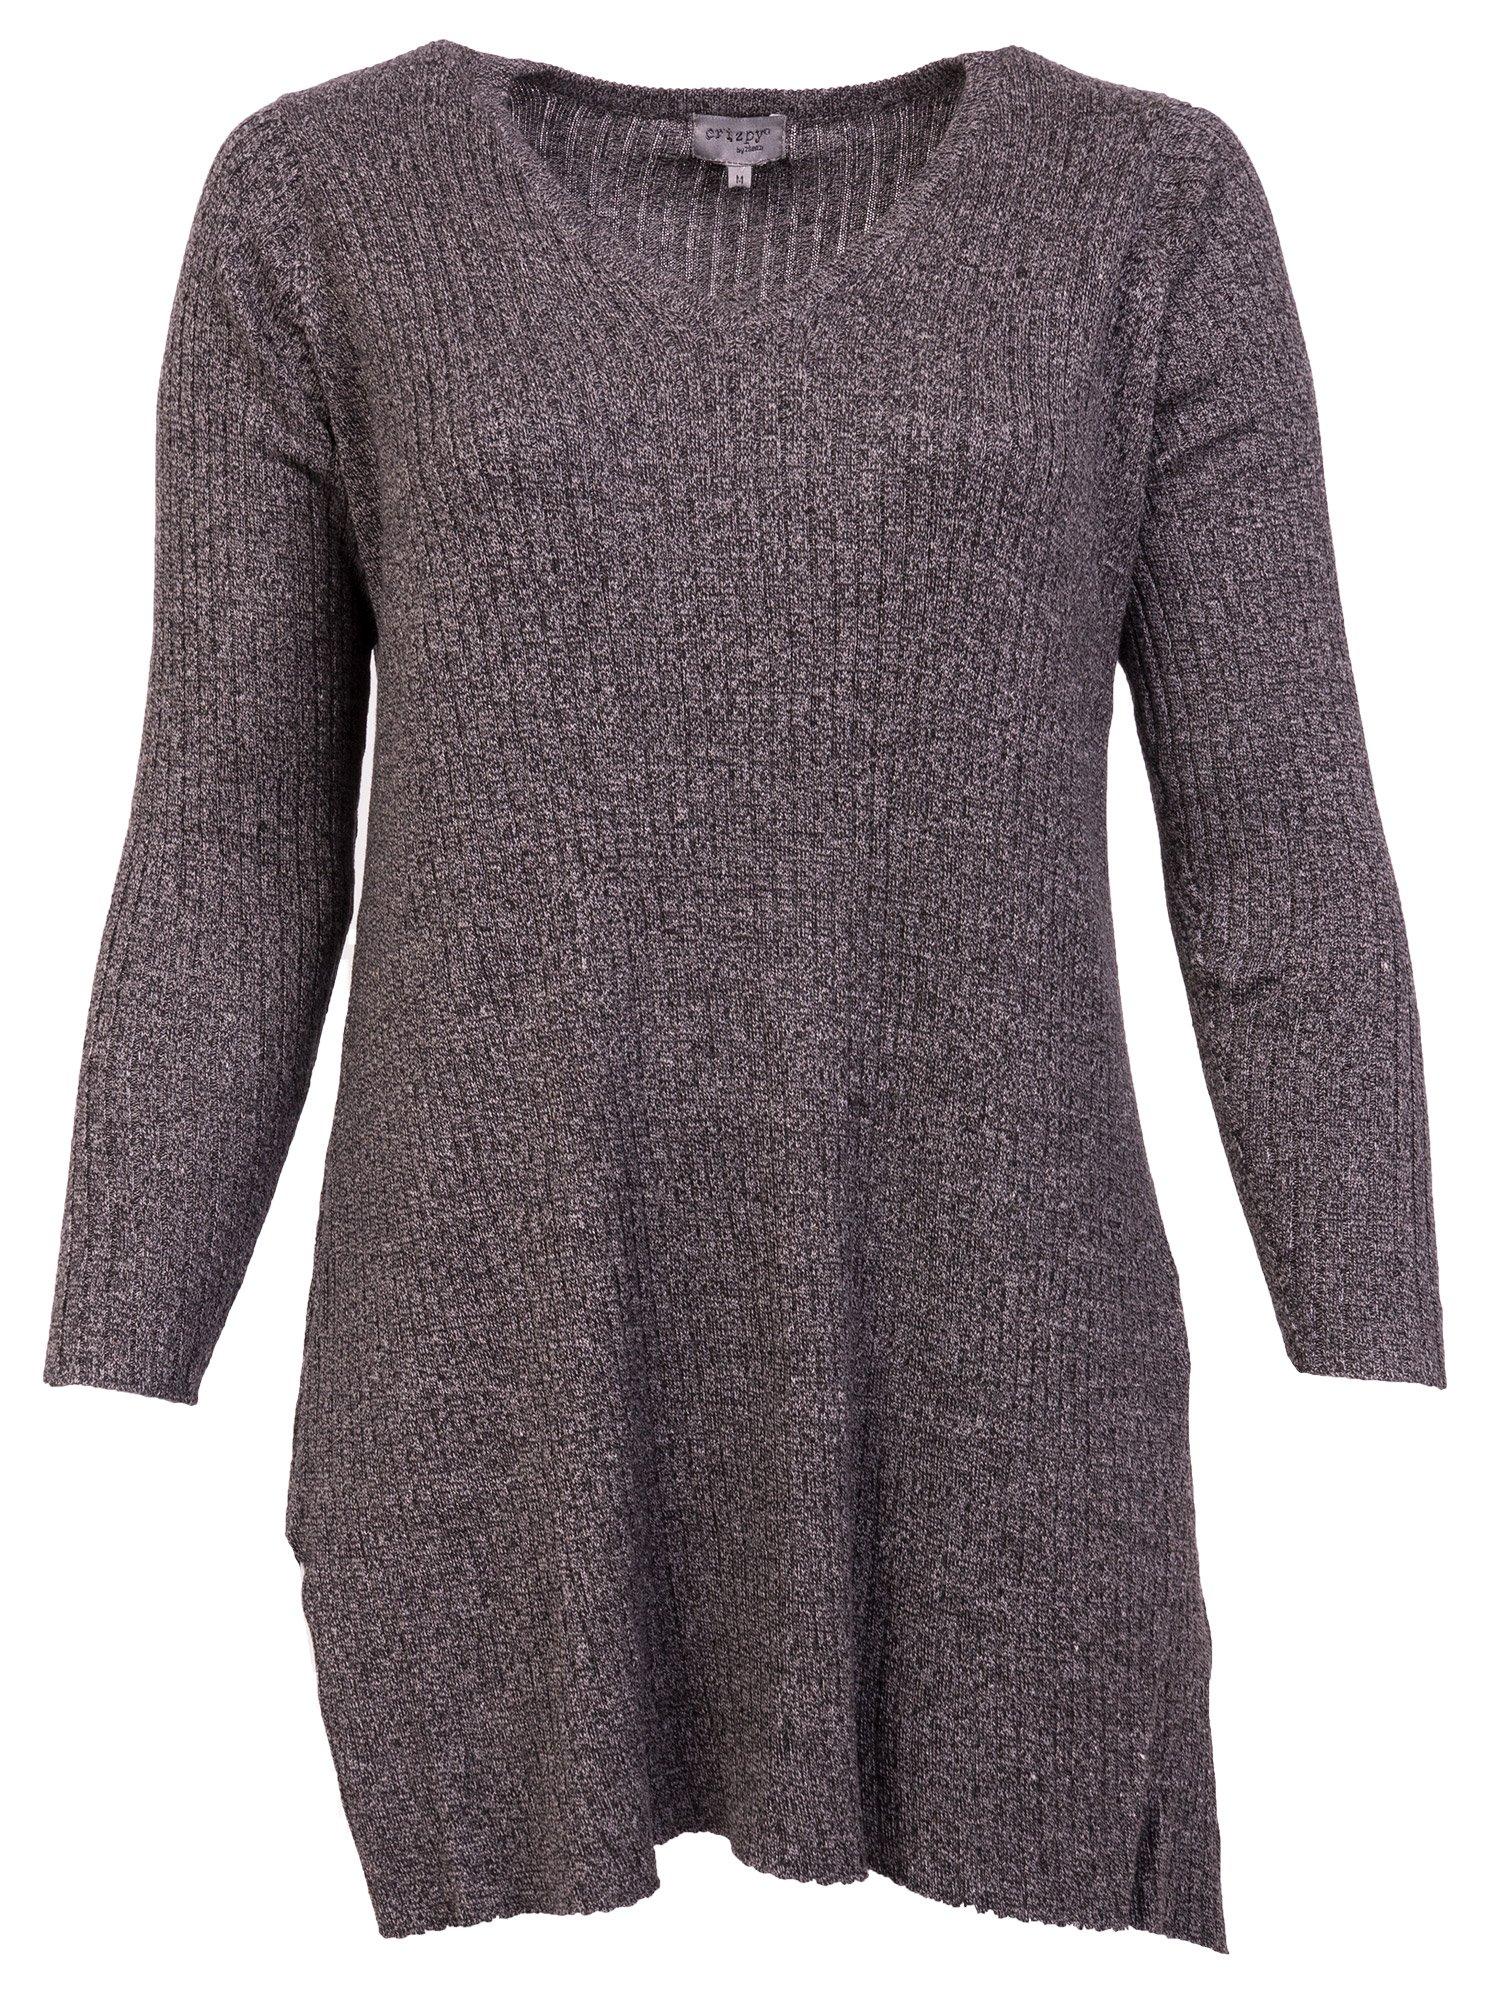 Strik bluse i farven grå